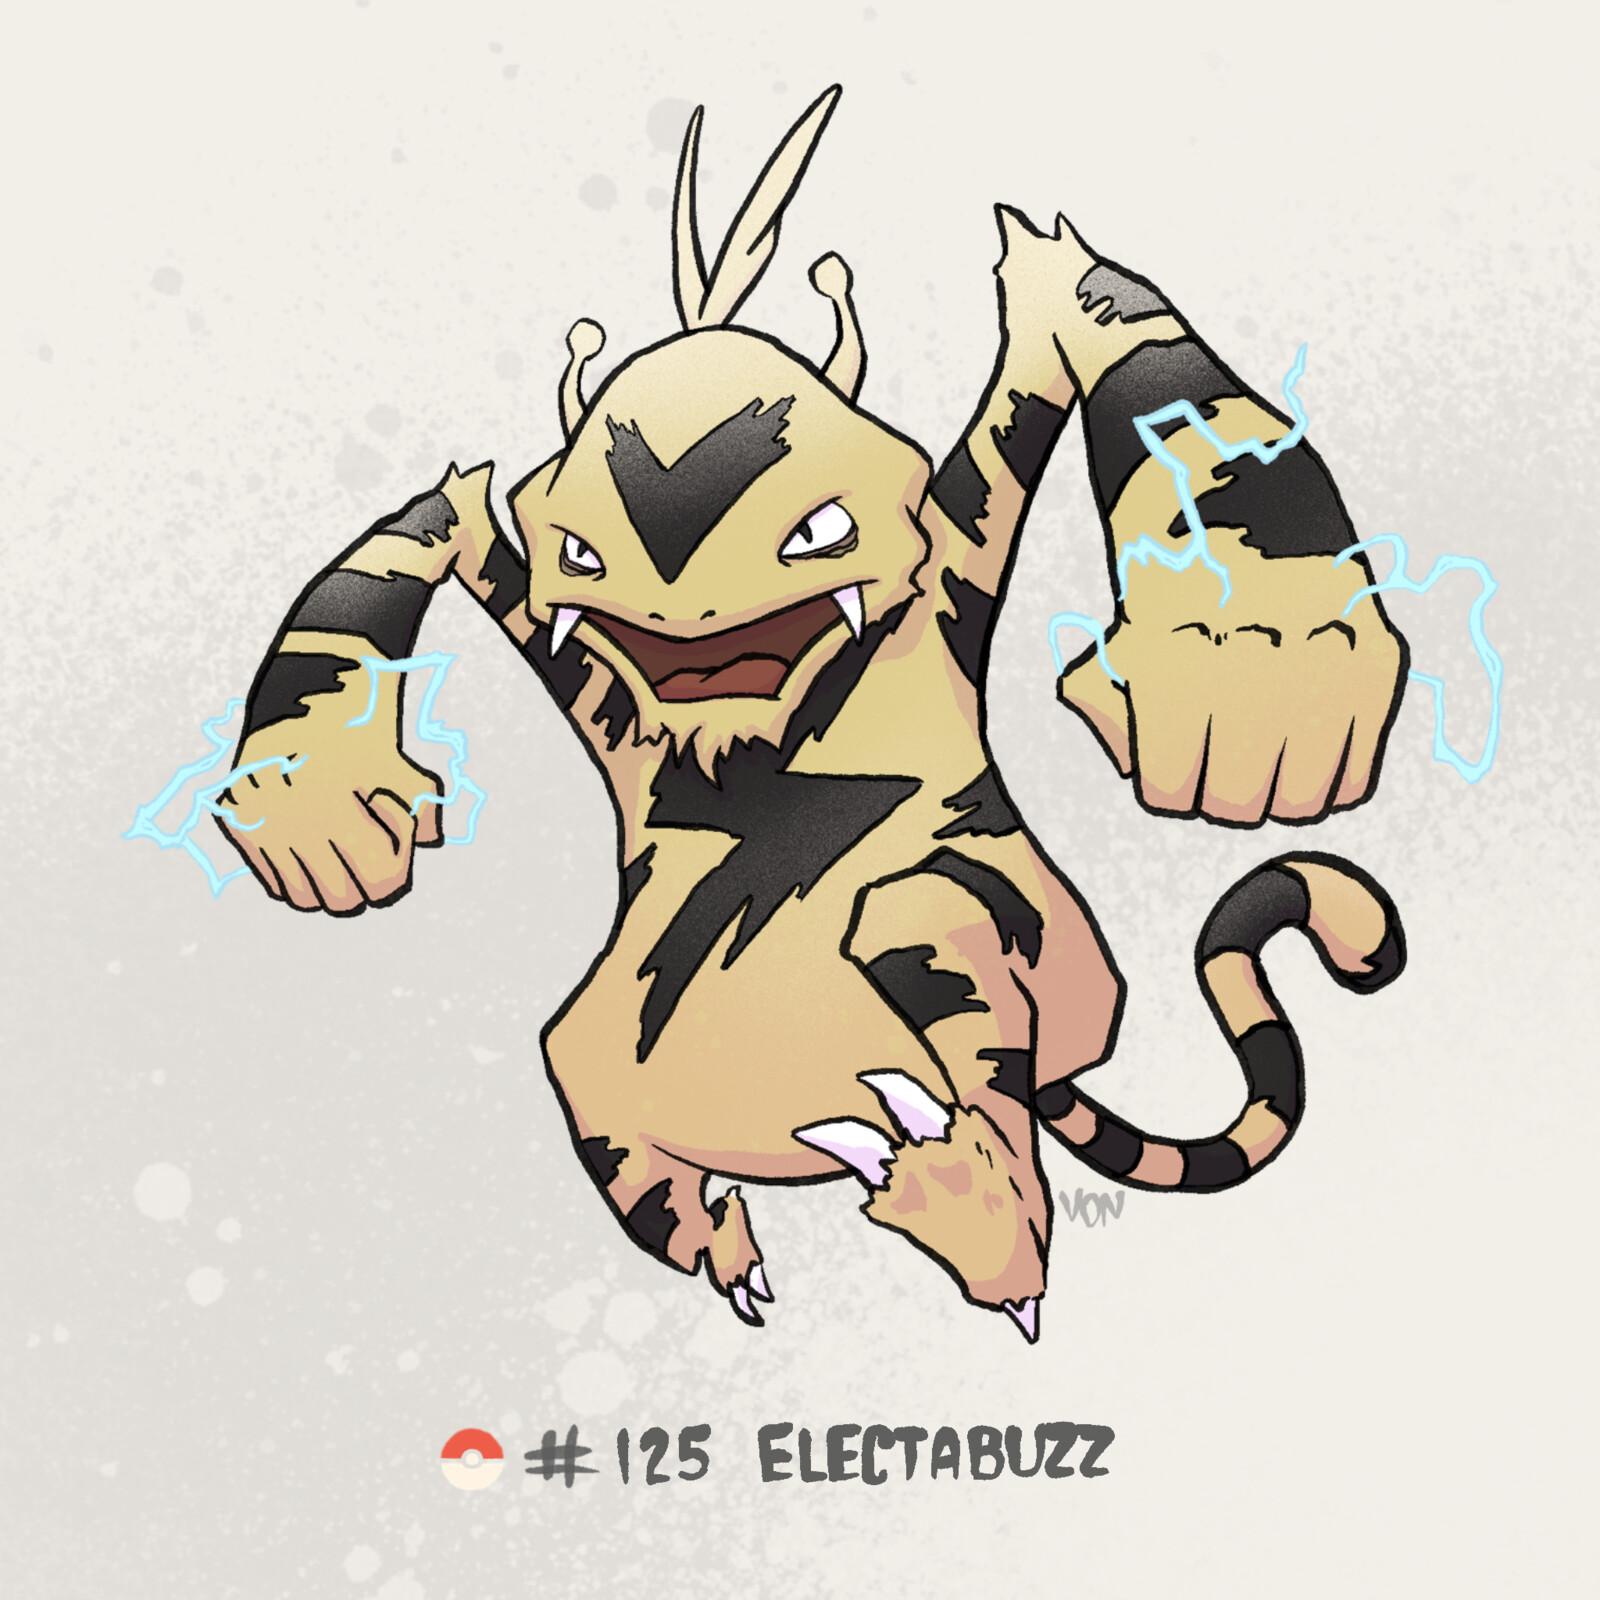 #125 Electabuzz